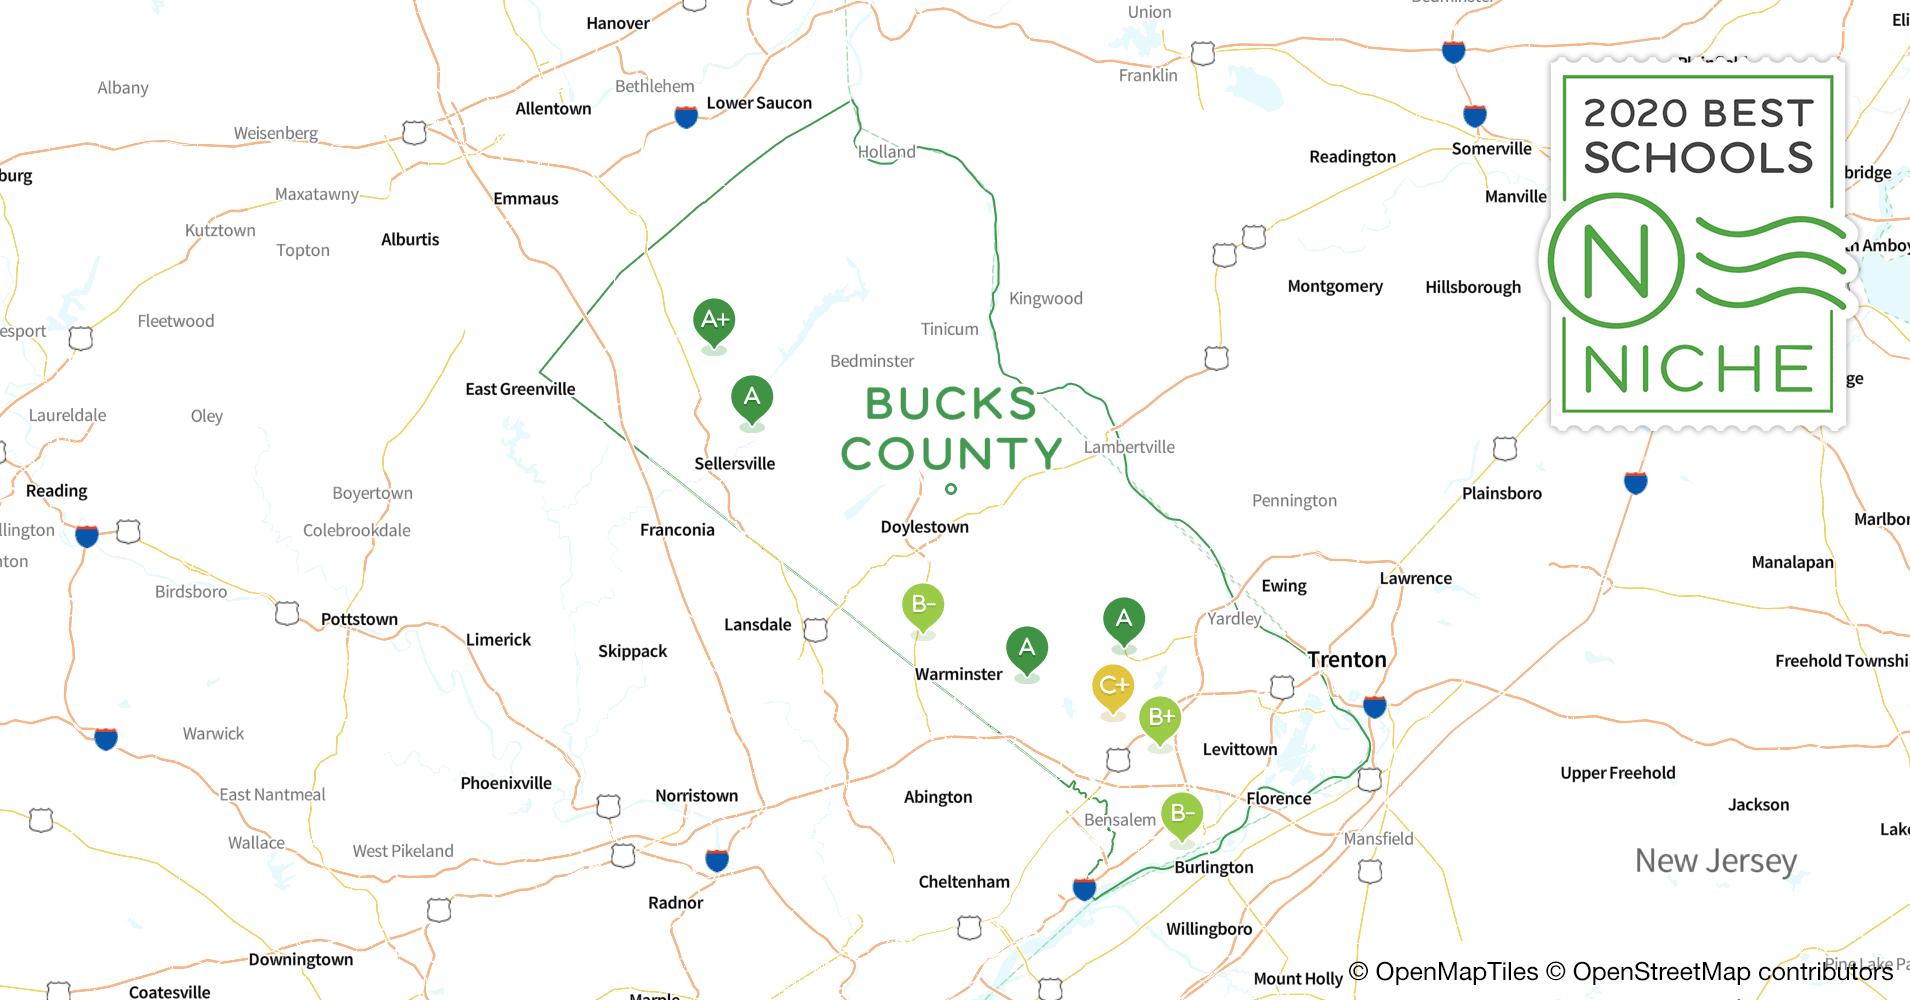 Best Of Bucks 2020 2020 Best Public High Schools in Bucks County, PA   Niche